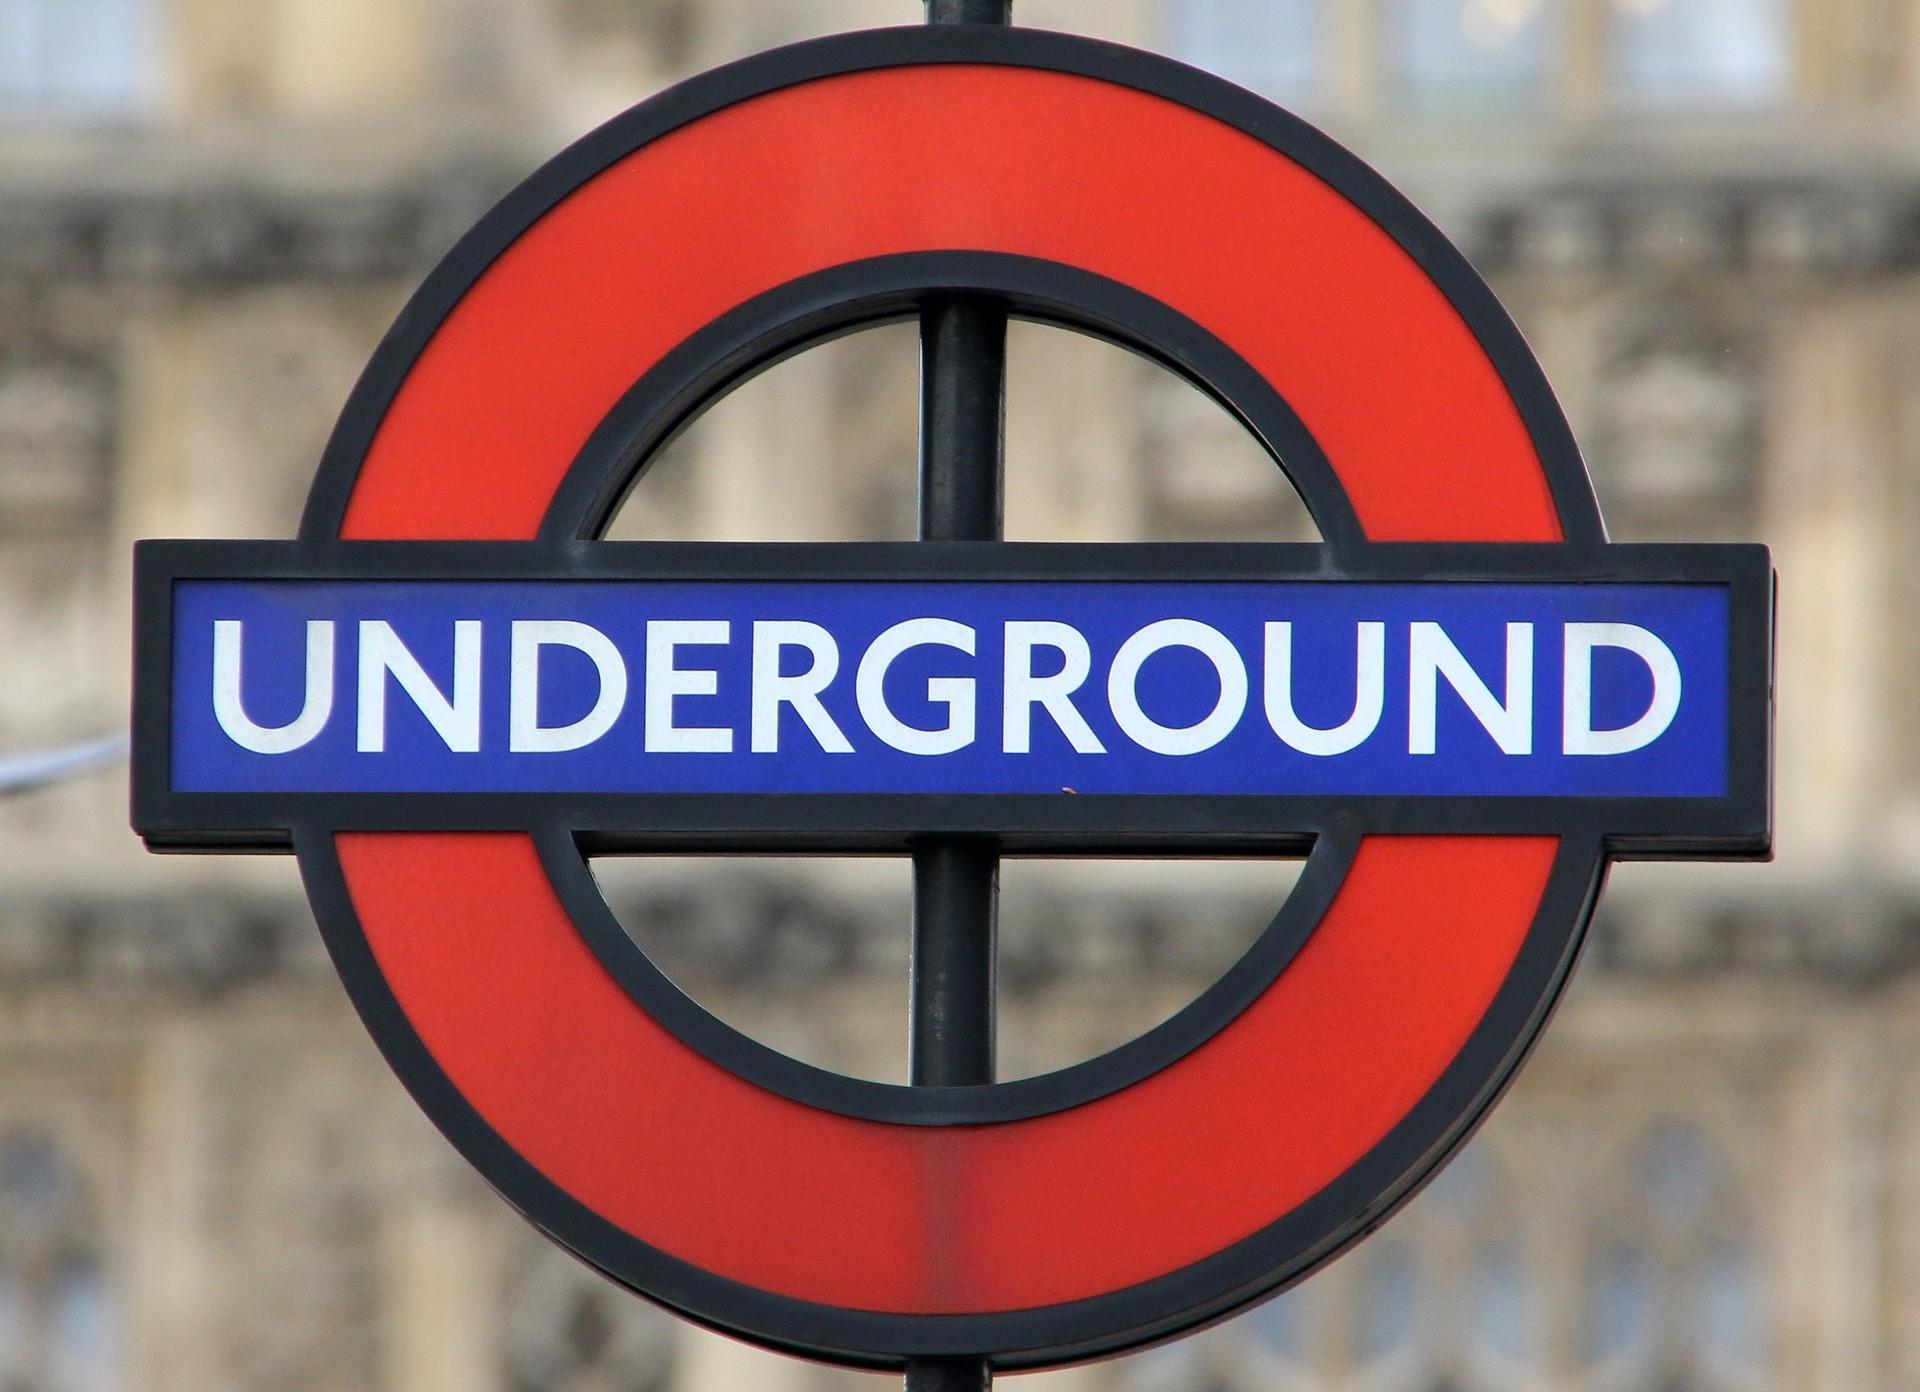 15 rad dla podróżujących pierwszy raz londyńskim metrem